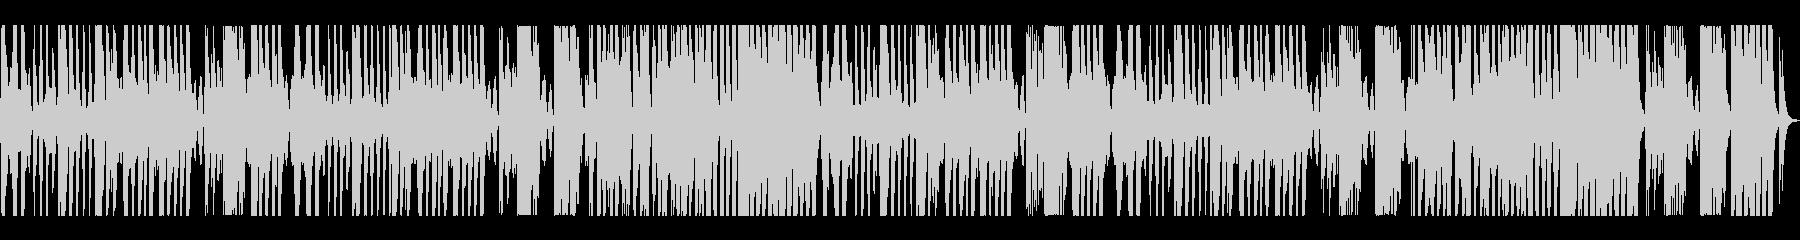 クラシック交響曲 アンビエントミュ...の未再生の波形